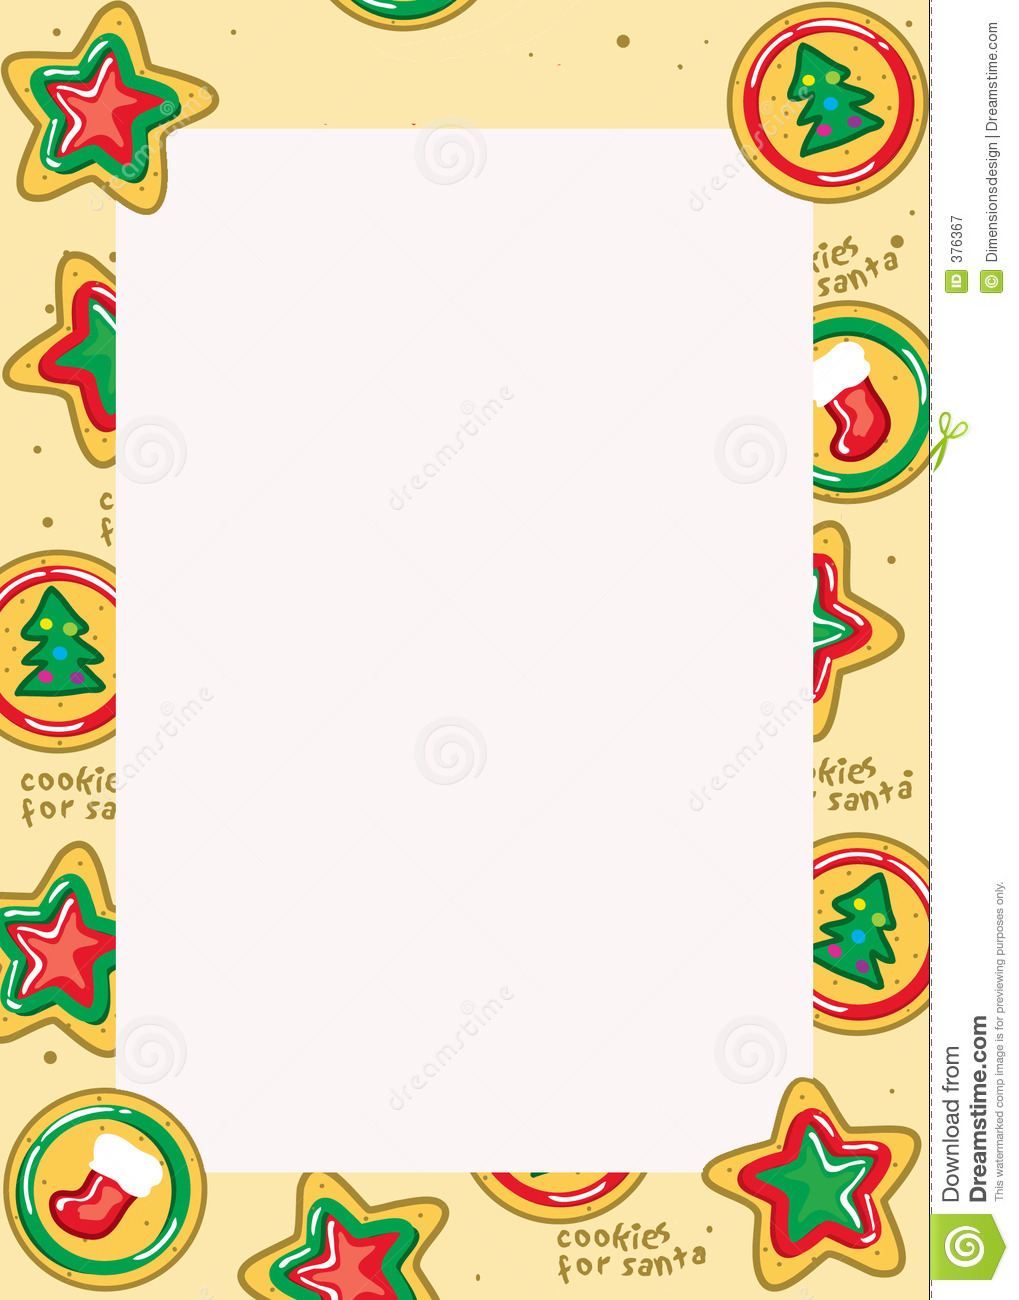 Christmas Cooki...